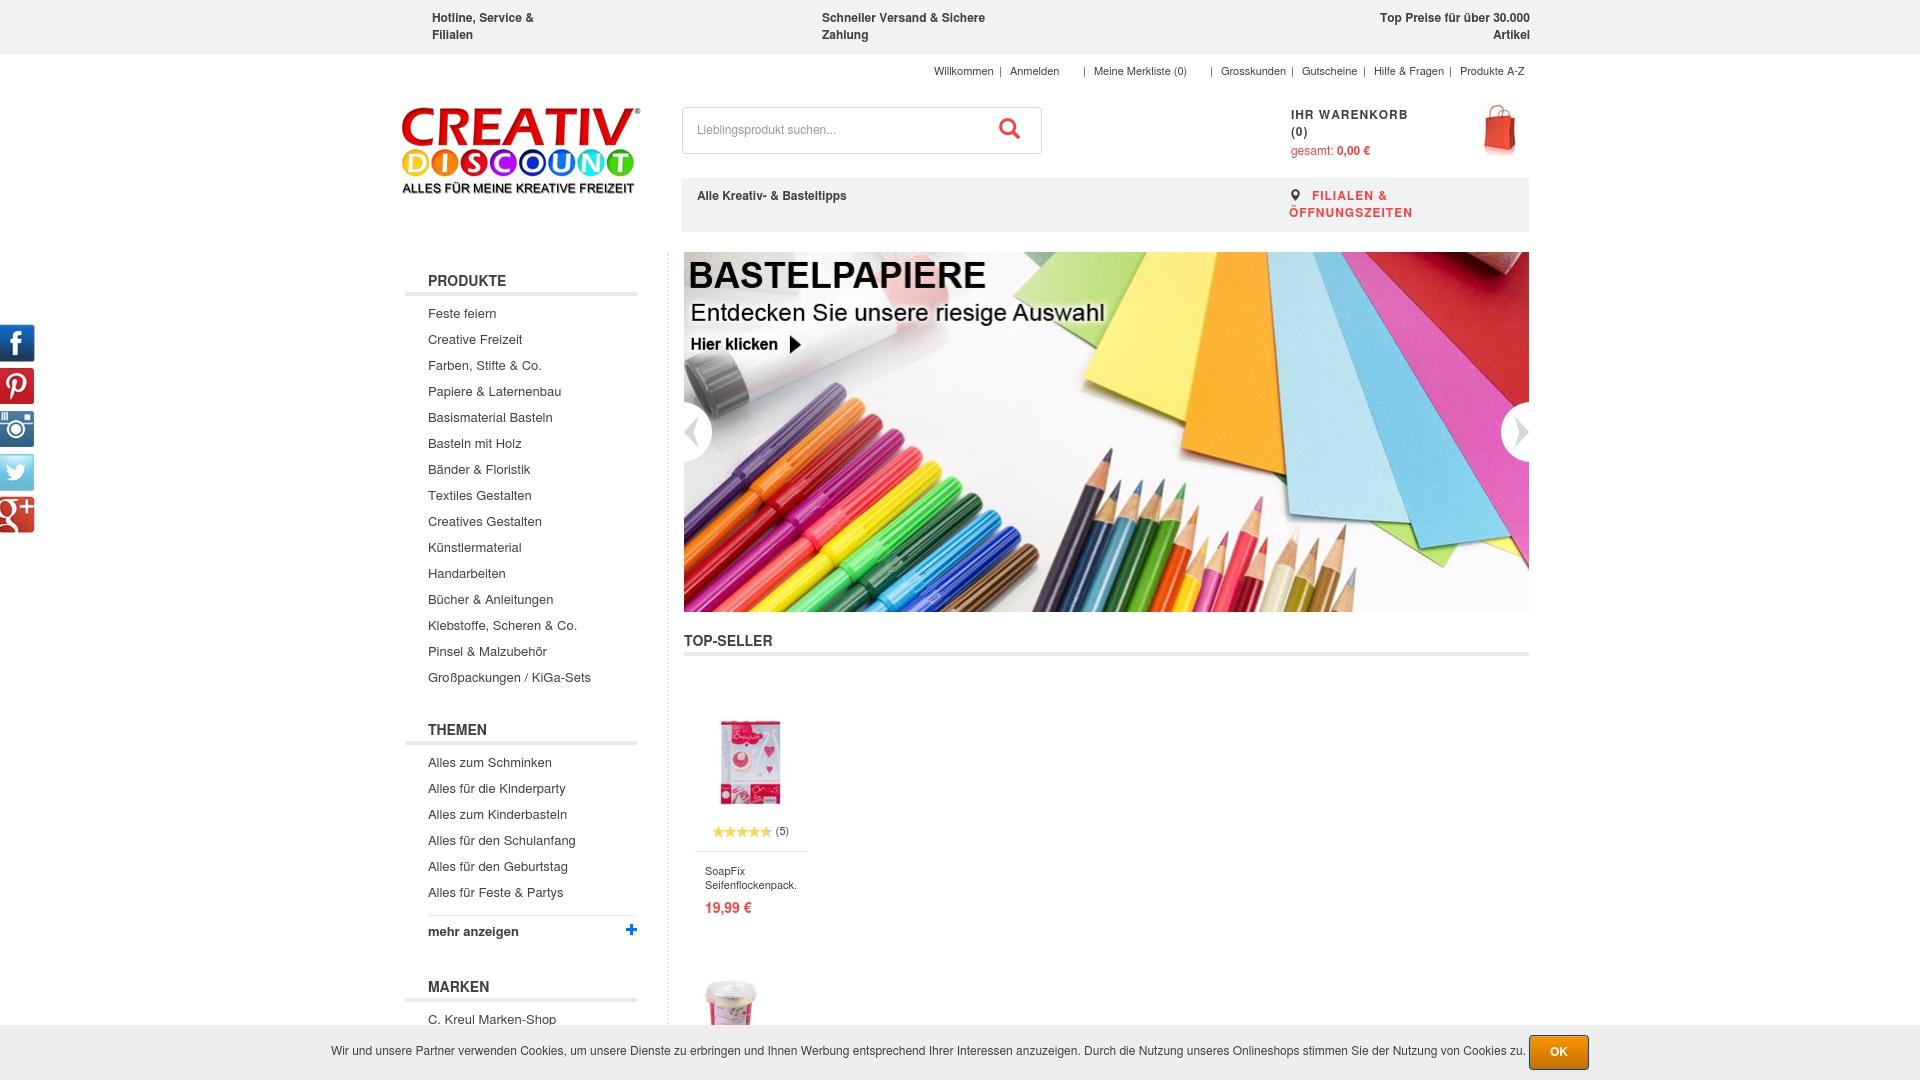 Gutschein für Creativ-discount: Rabatte für  Creativ-discount sichern